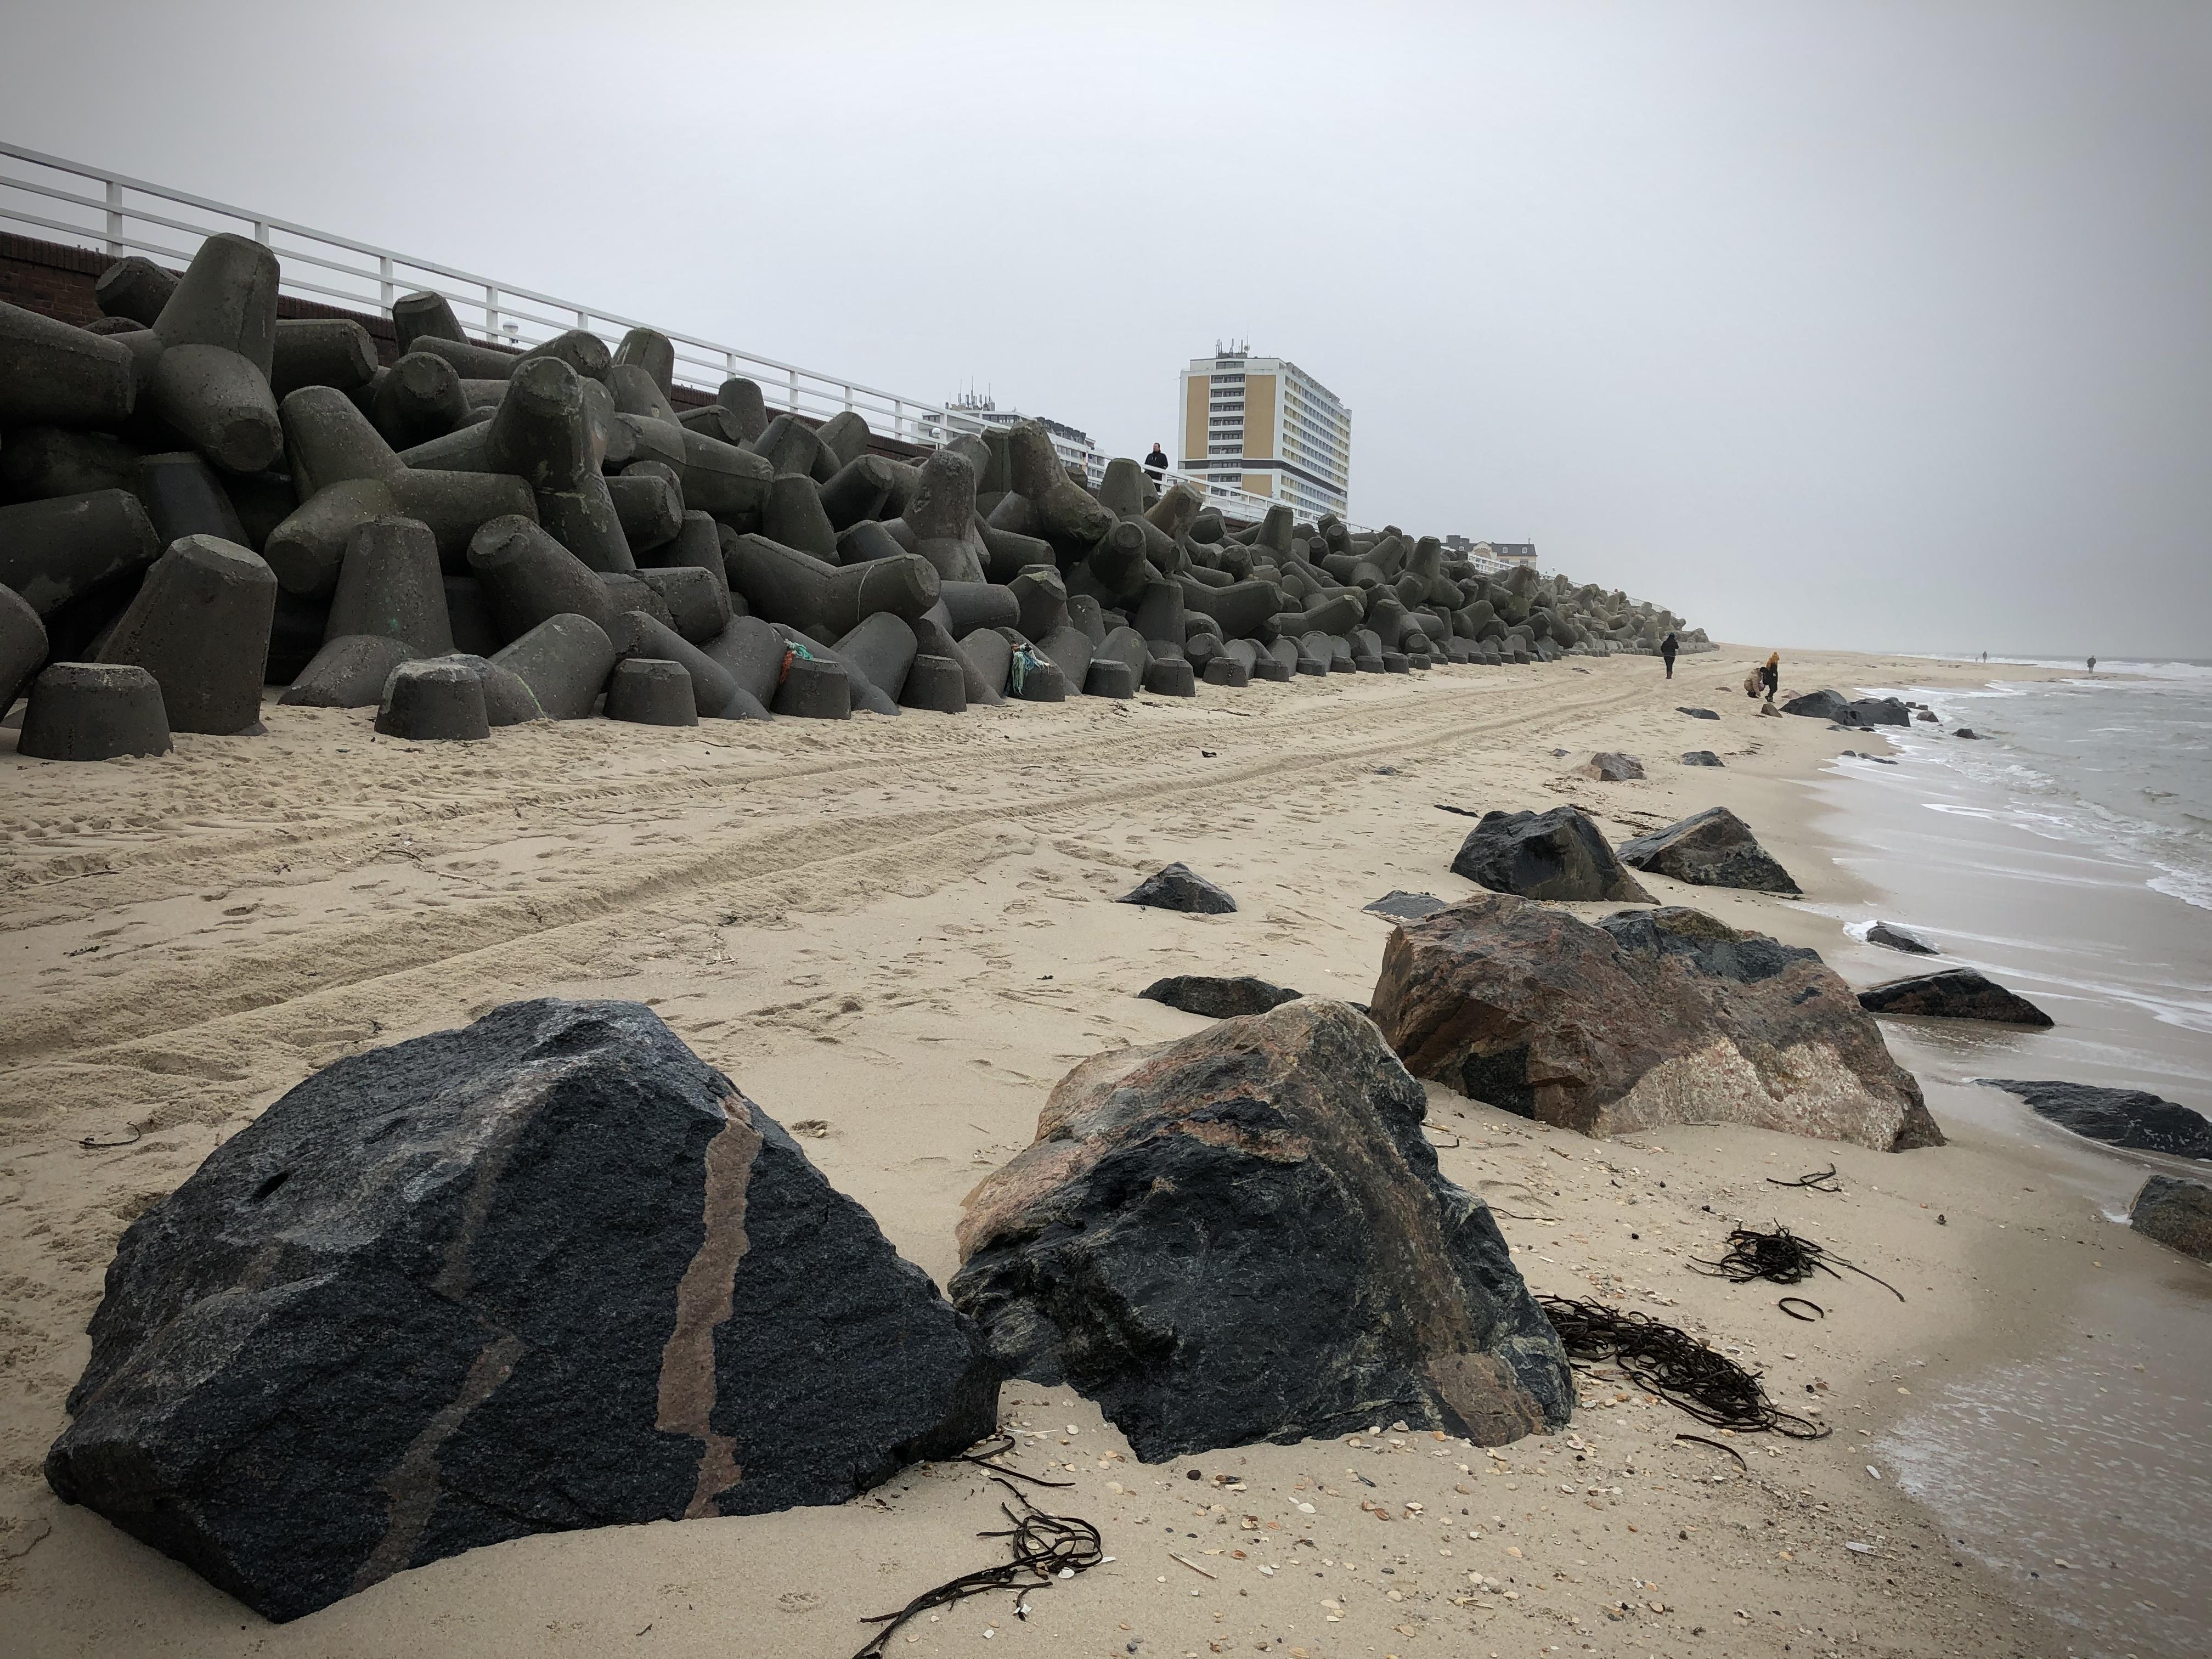 Die Sylter Strände haben in dieser Sturmsaison schon viel Sand eingebüßt